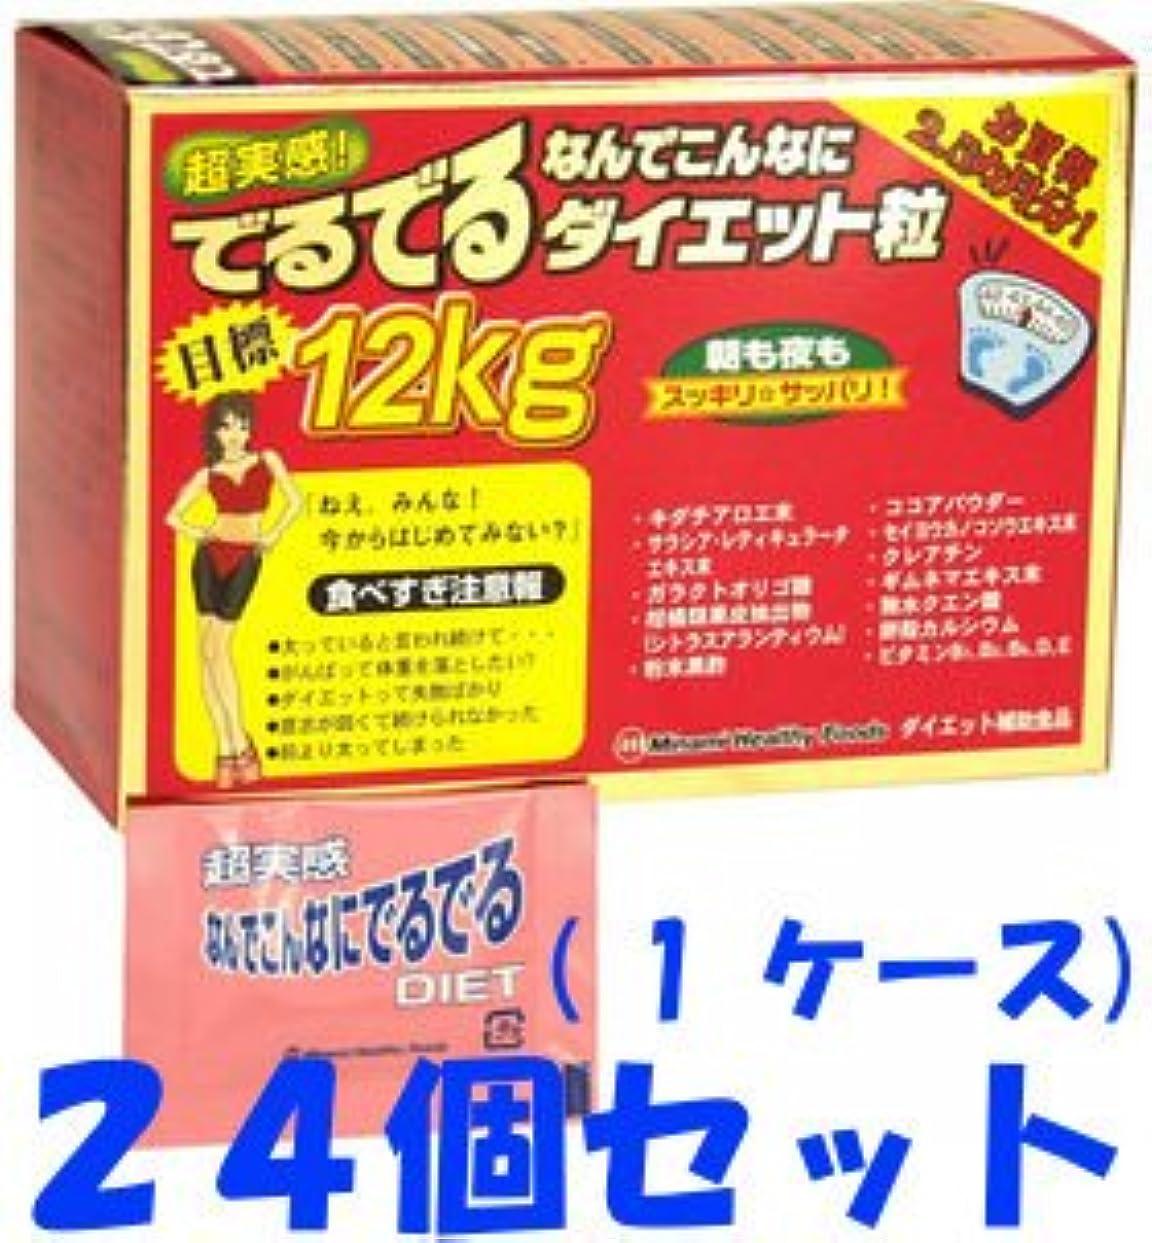 小間ヒューマニスティック騒【1ケース(24個)セット】超実感なんでこんなにでるでるダイエット粒 75袋